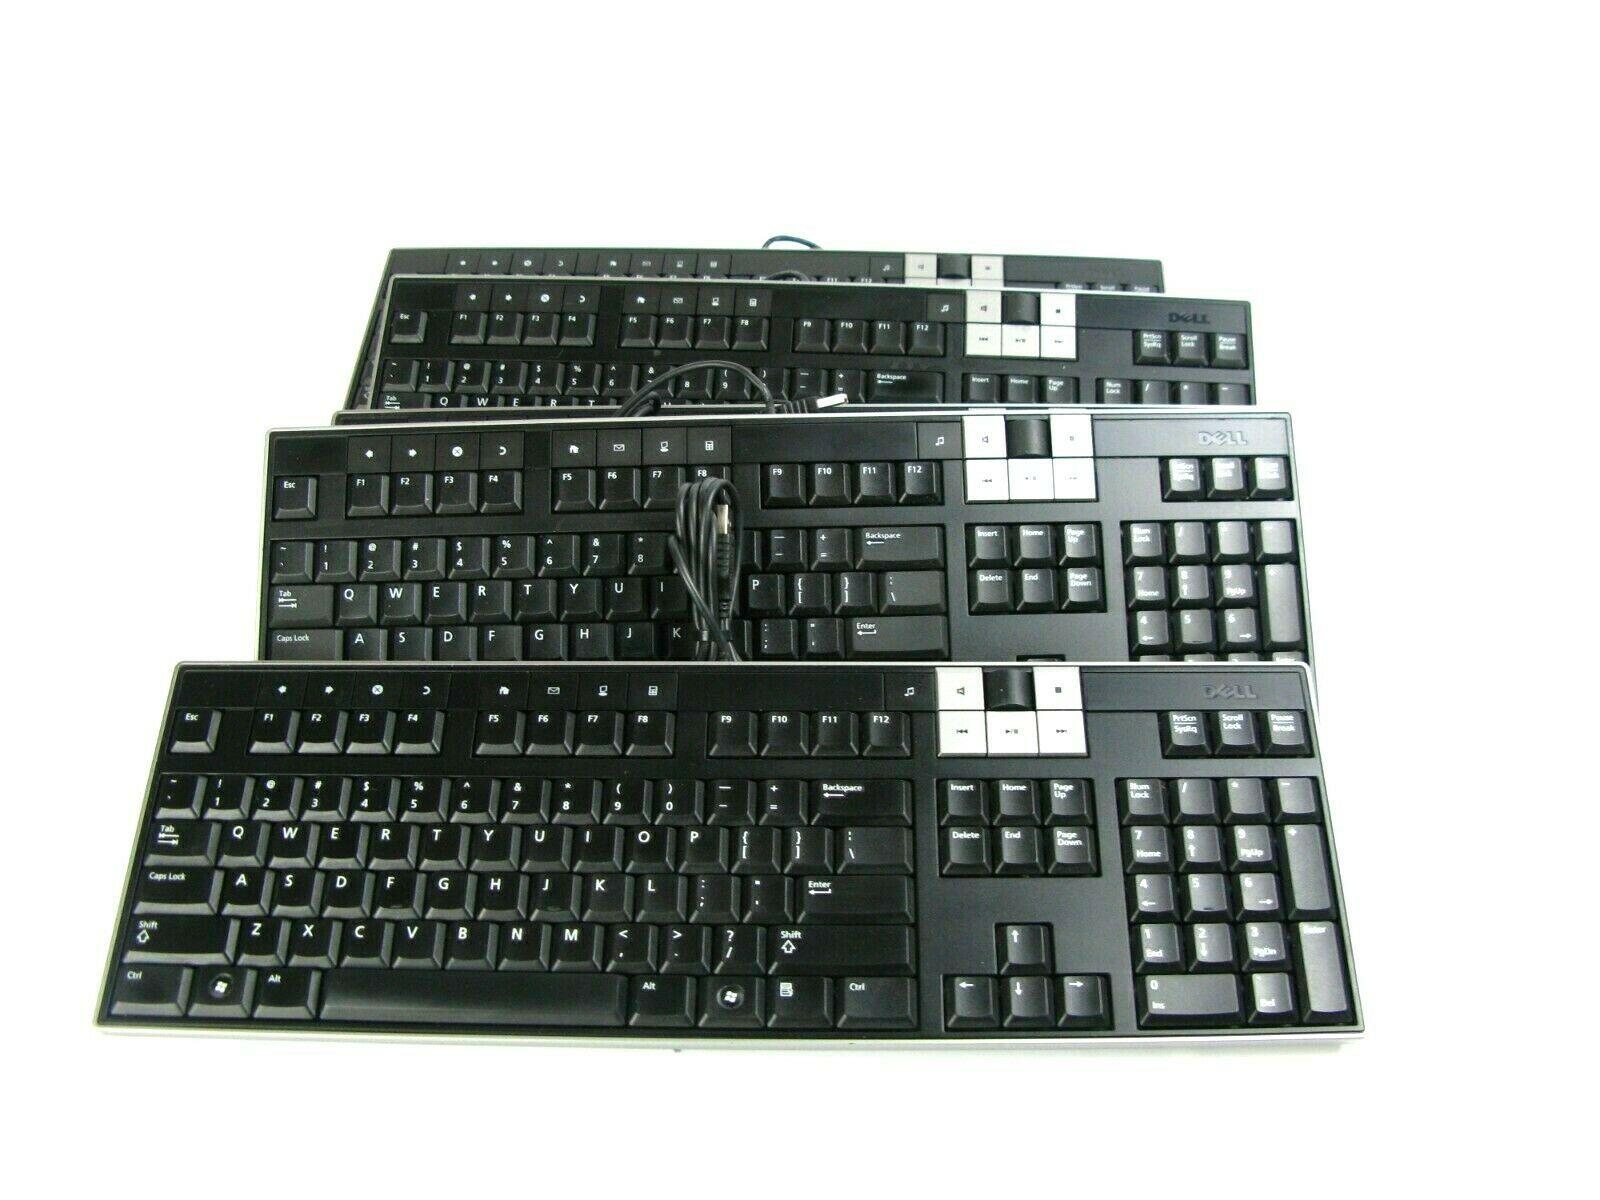 Dell Y-U0003-DEL5 U473D Enhanced Multimedia USB Keyboard 2 USB Ports (Lot of 5) - $23.38